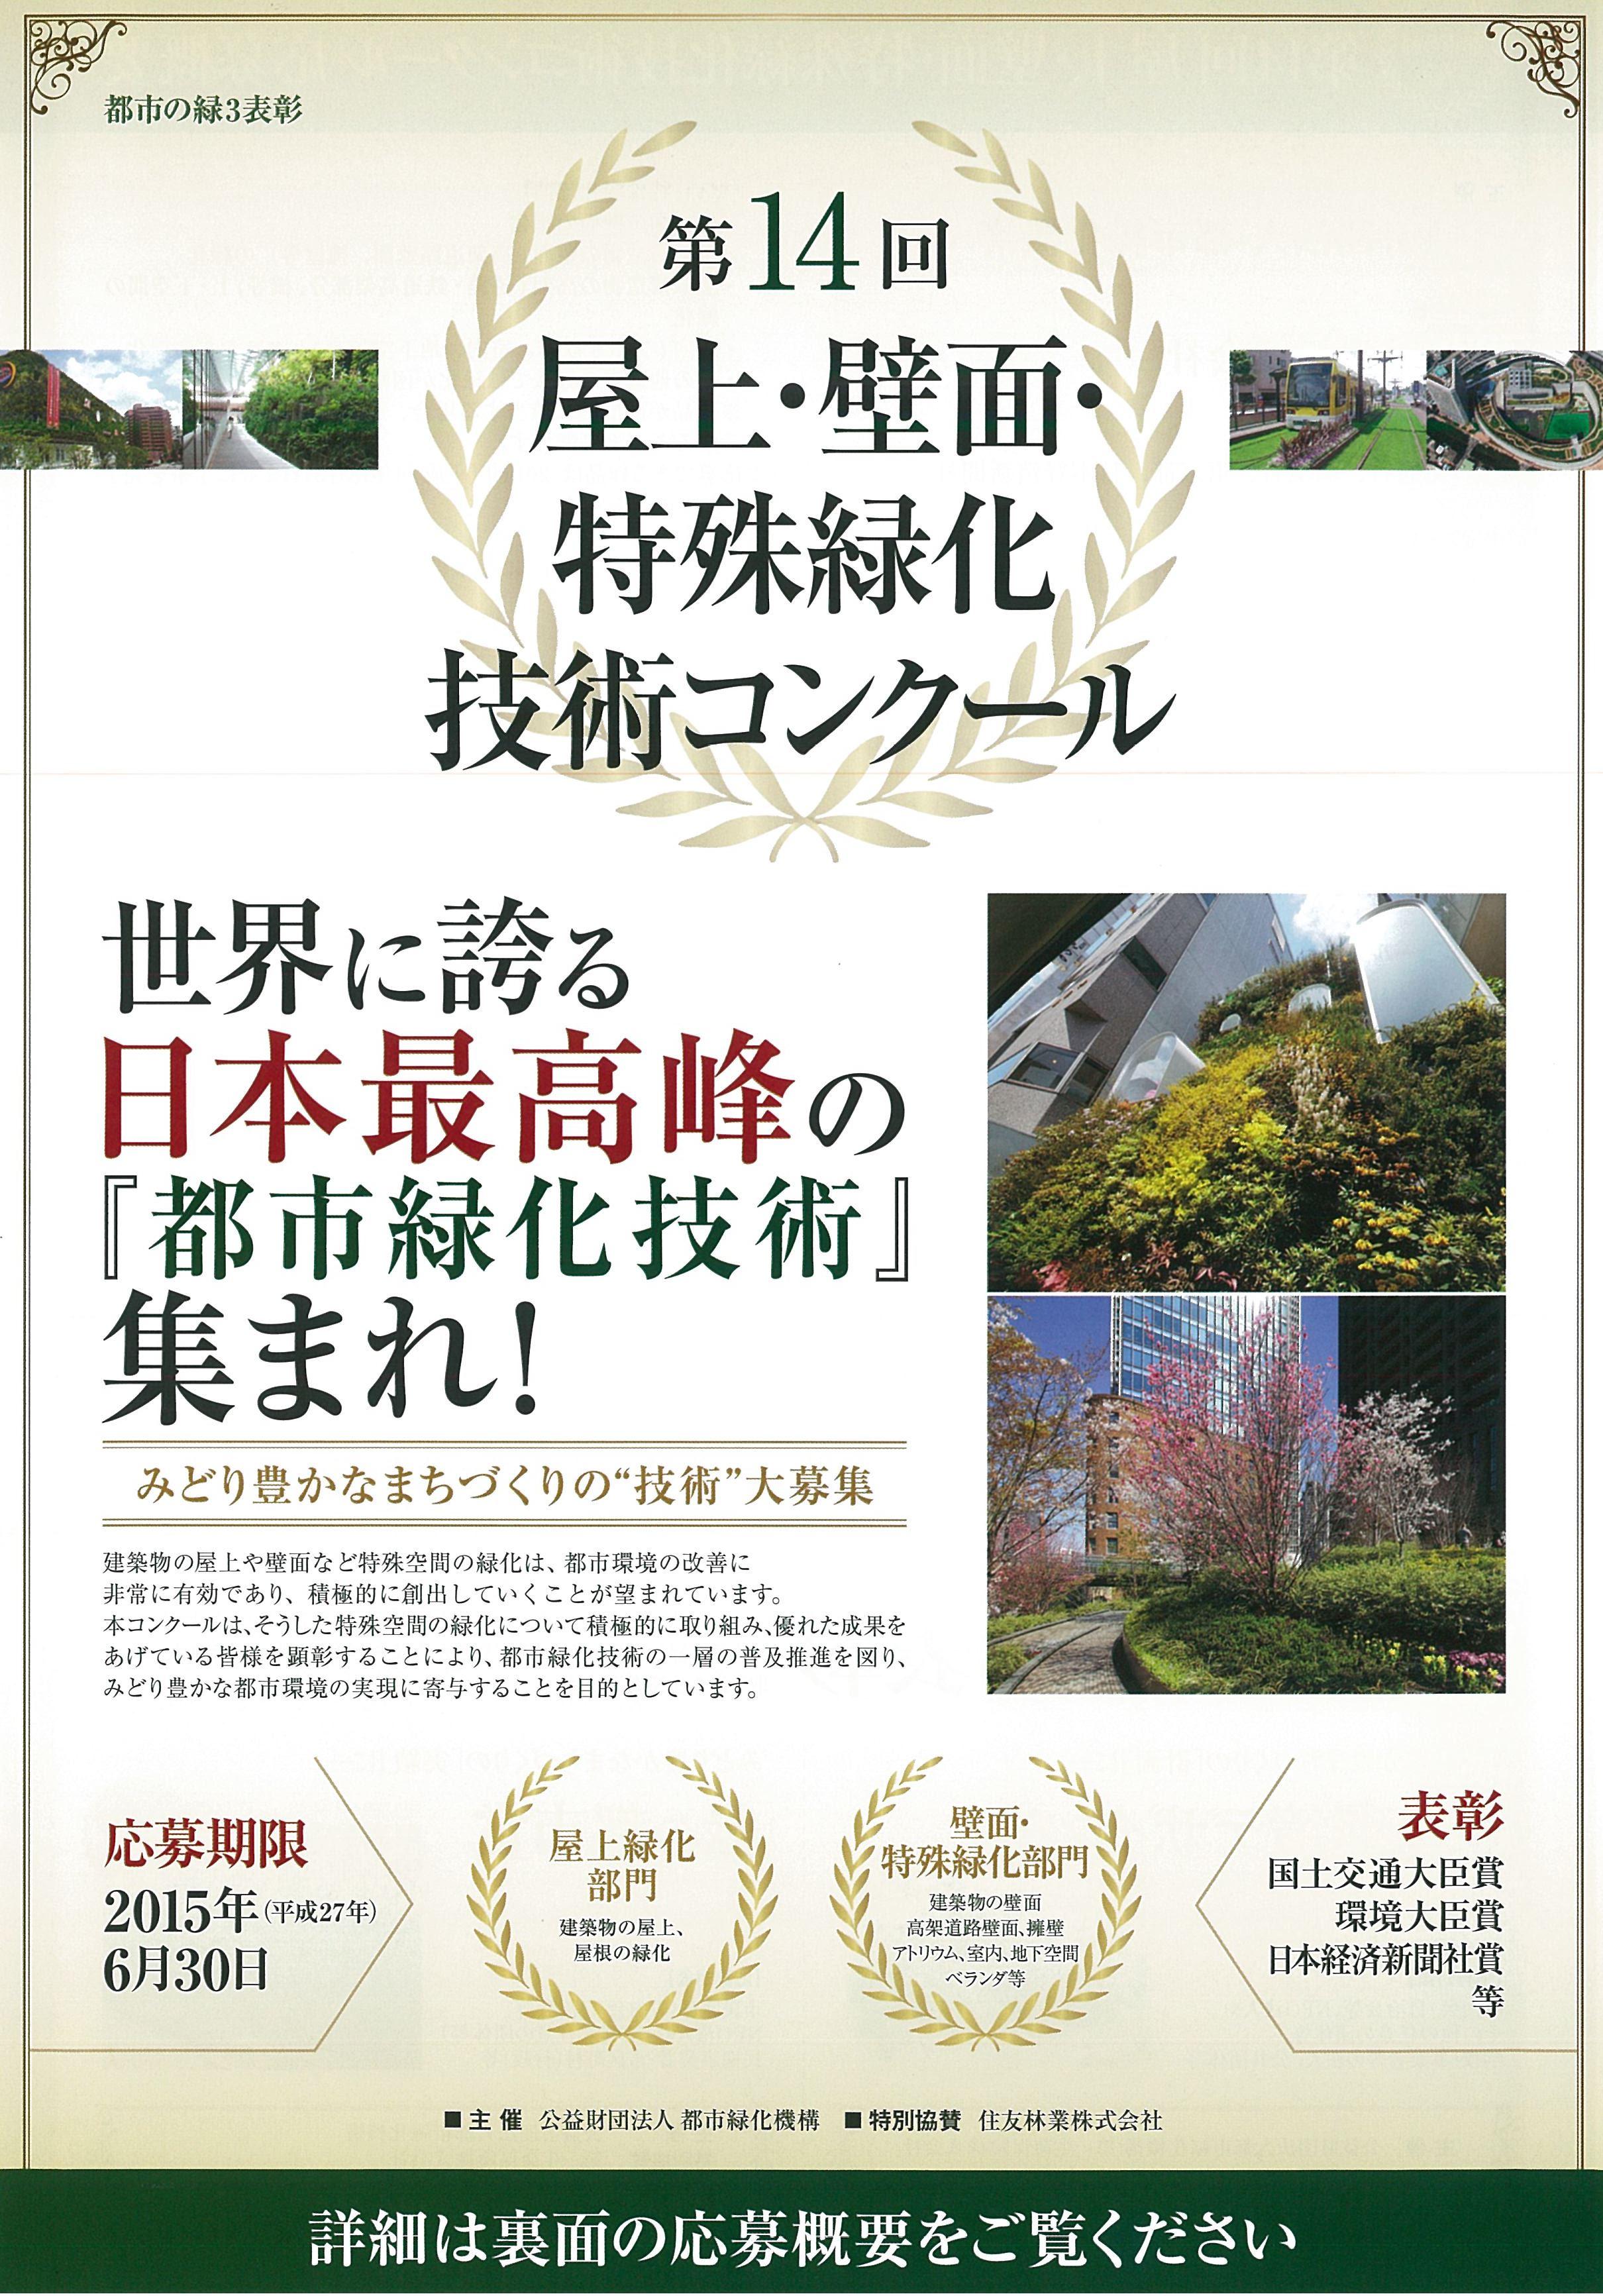 第14回 屋上・壁面・特殊緑化技術コンクール 募集案内